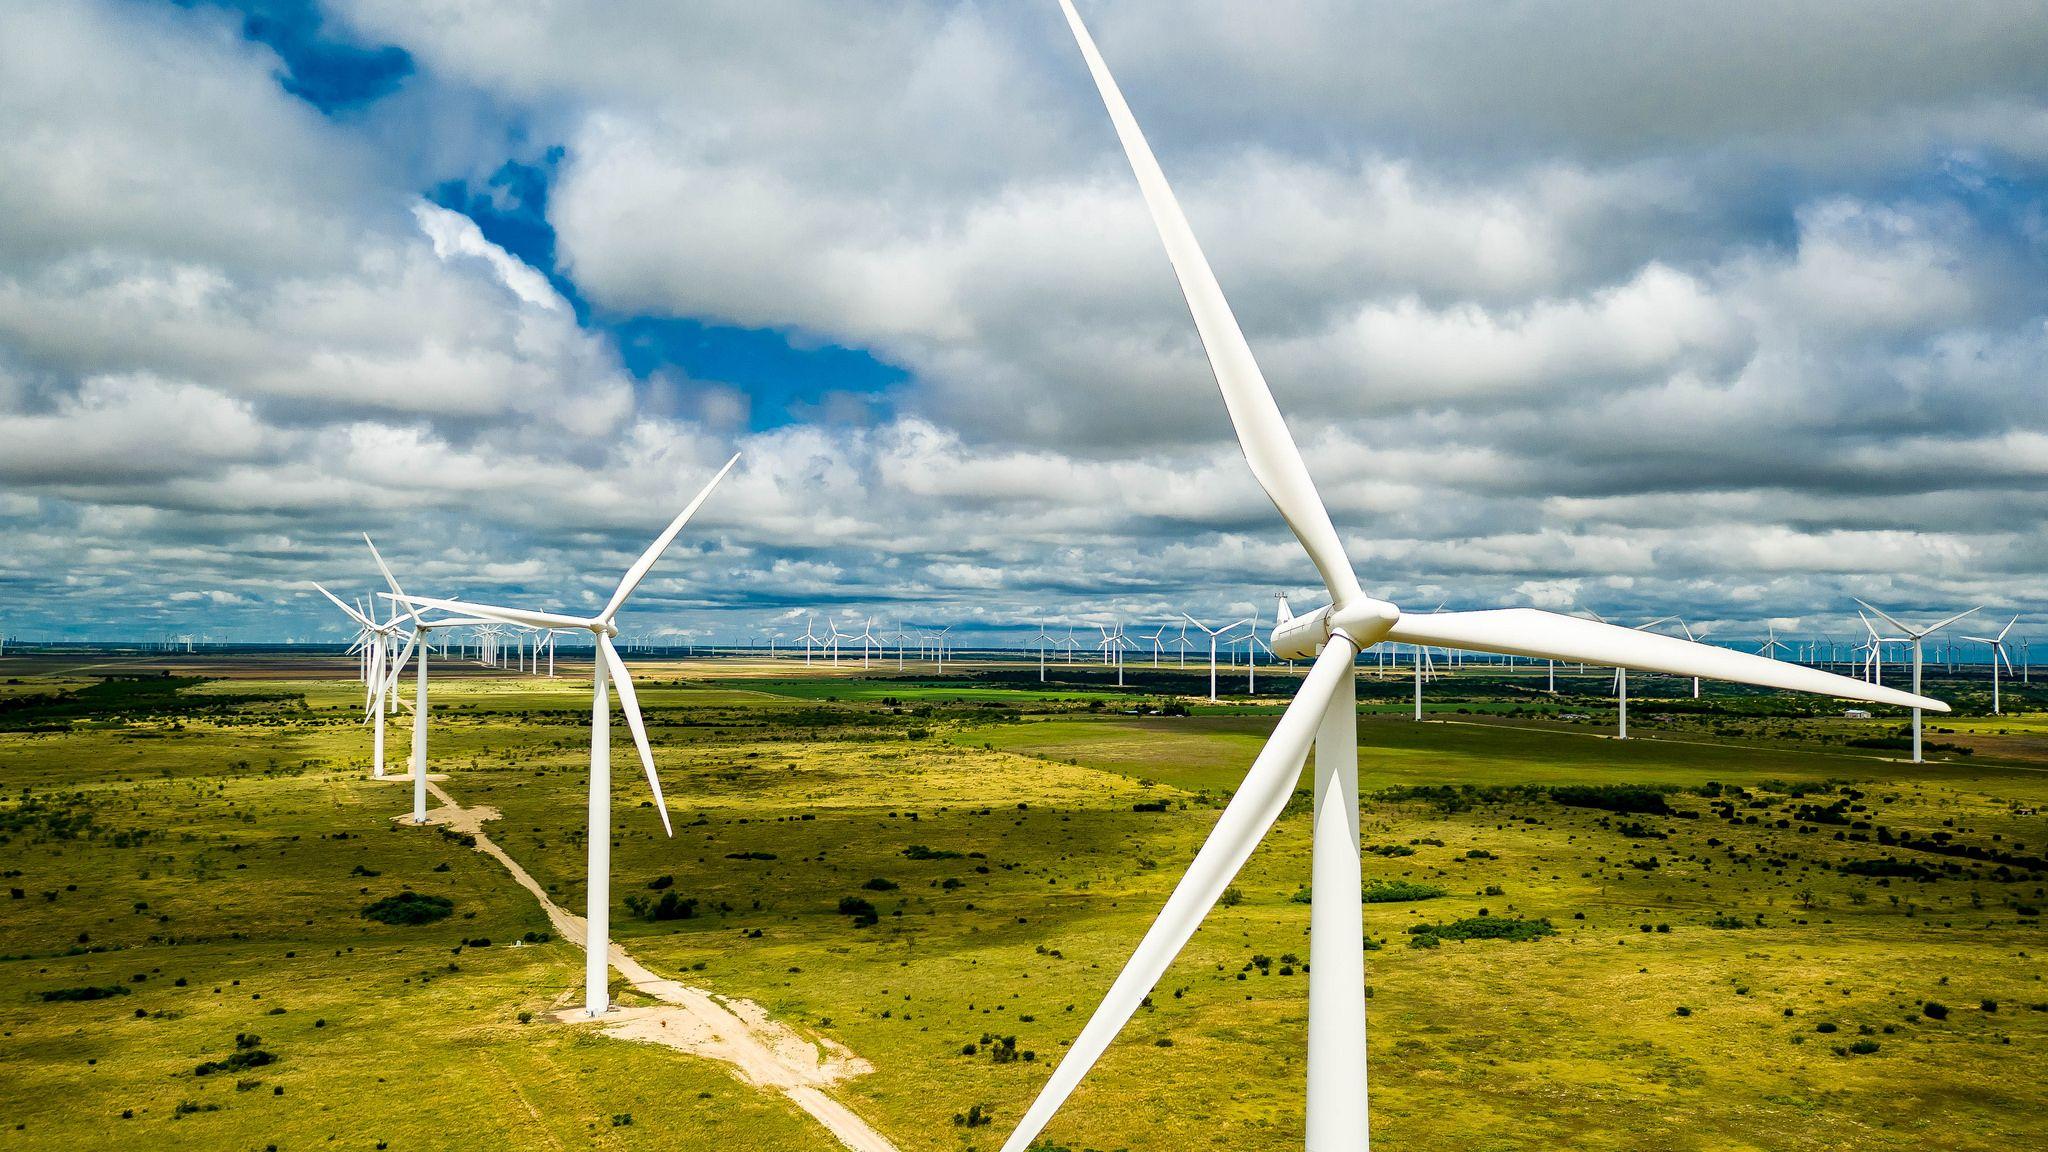 風力発電所とサーバーを「垂直統合」、ビットコイン採掘で新モデル